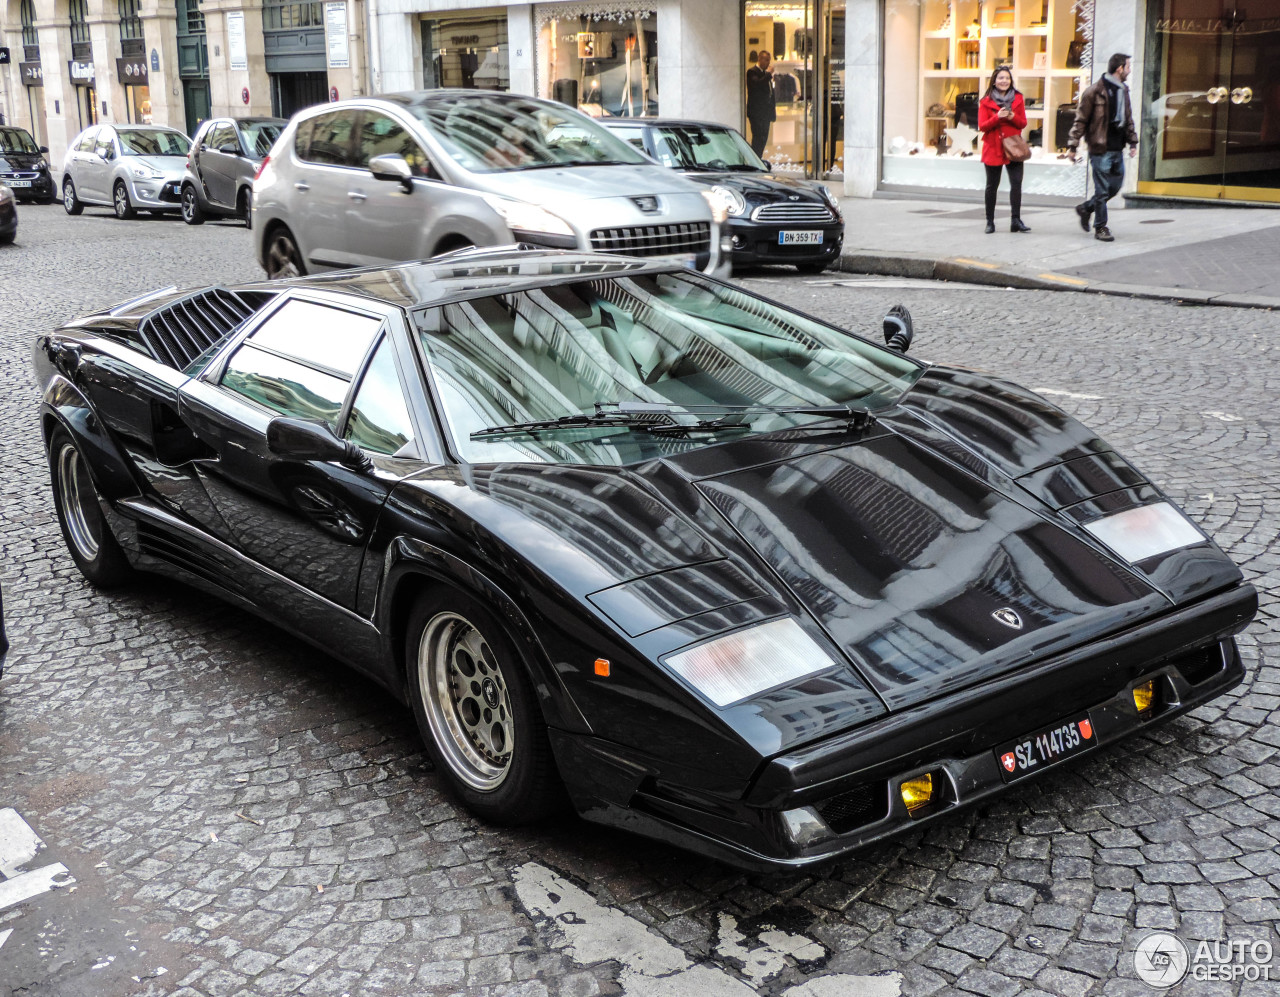 Lamborghini Countach 25th Anniversary 1 December 2014